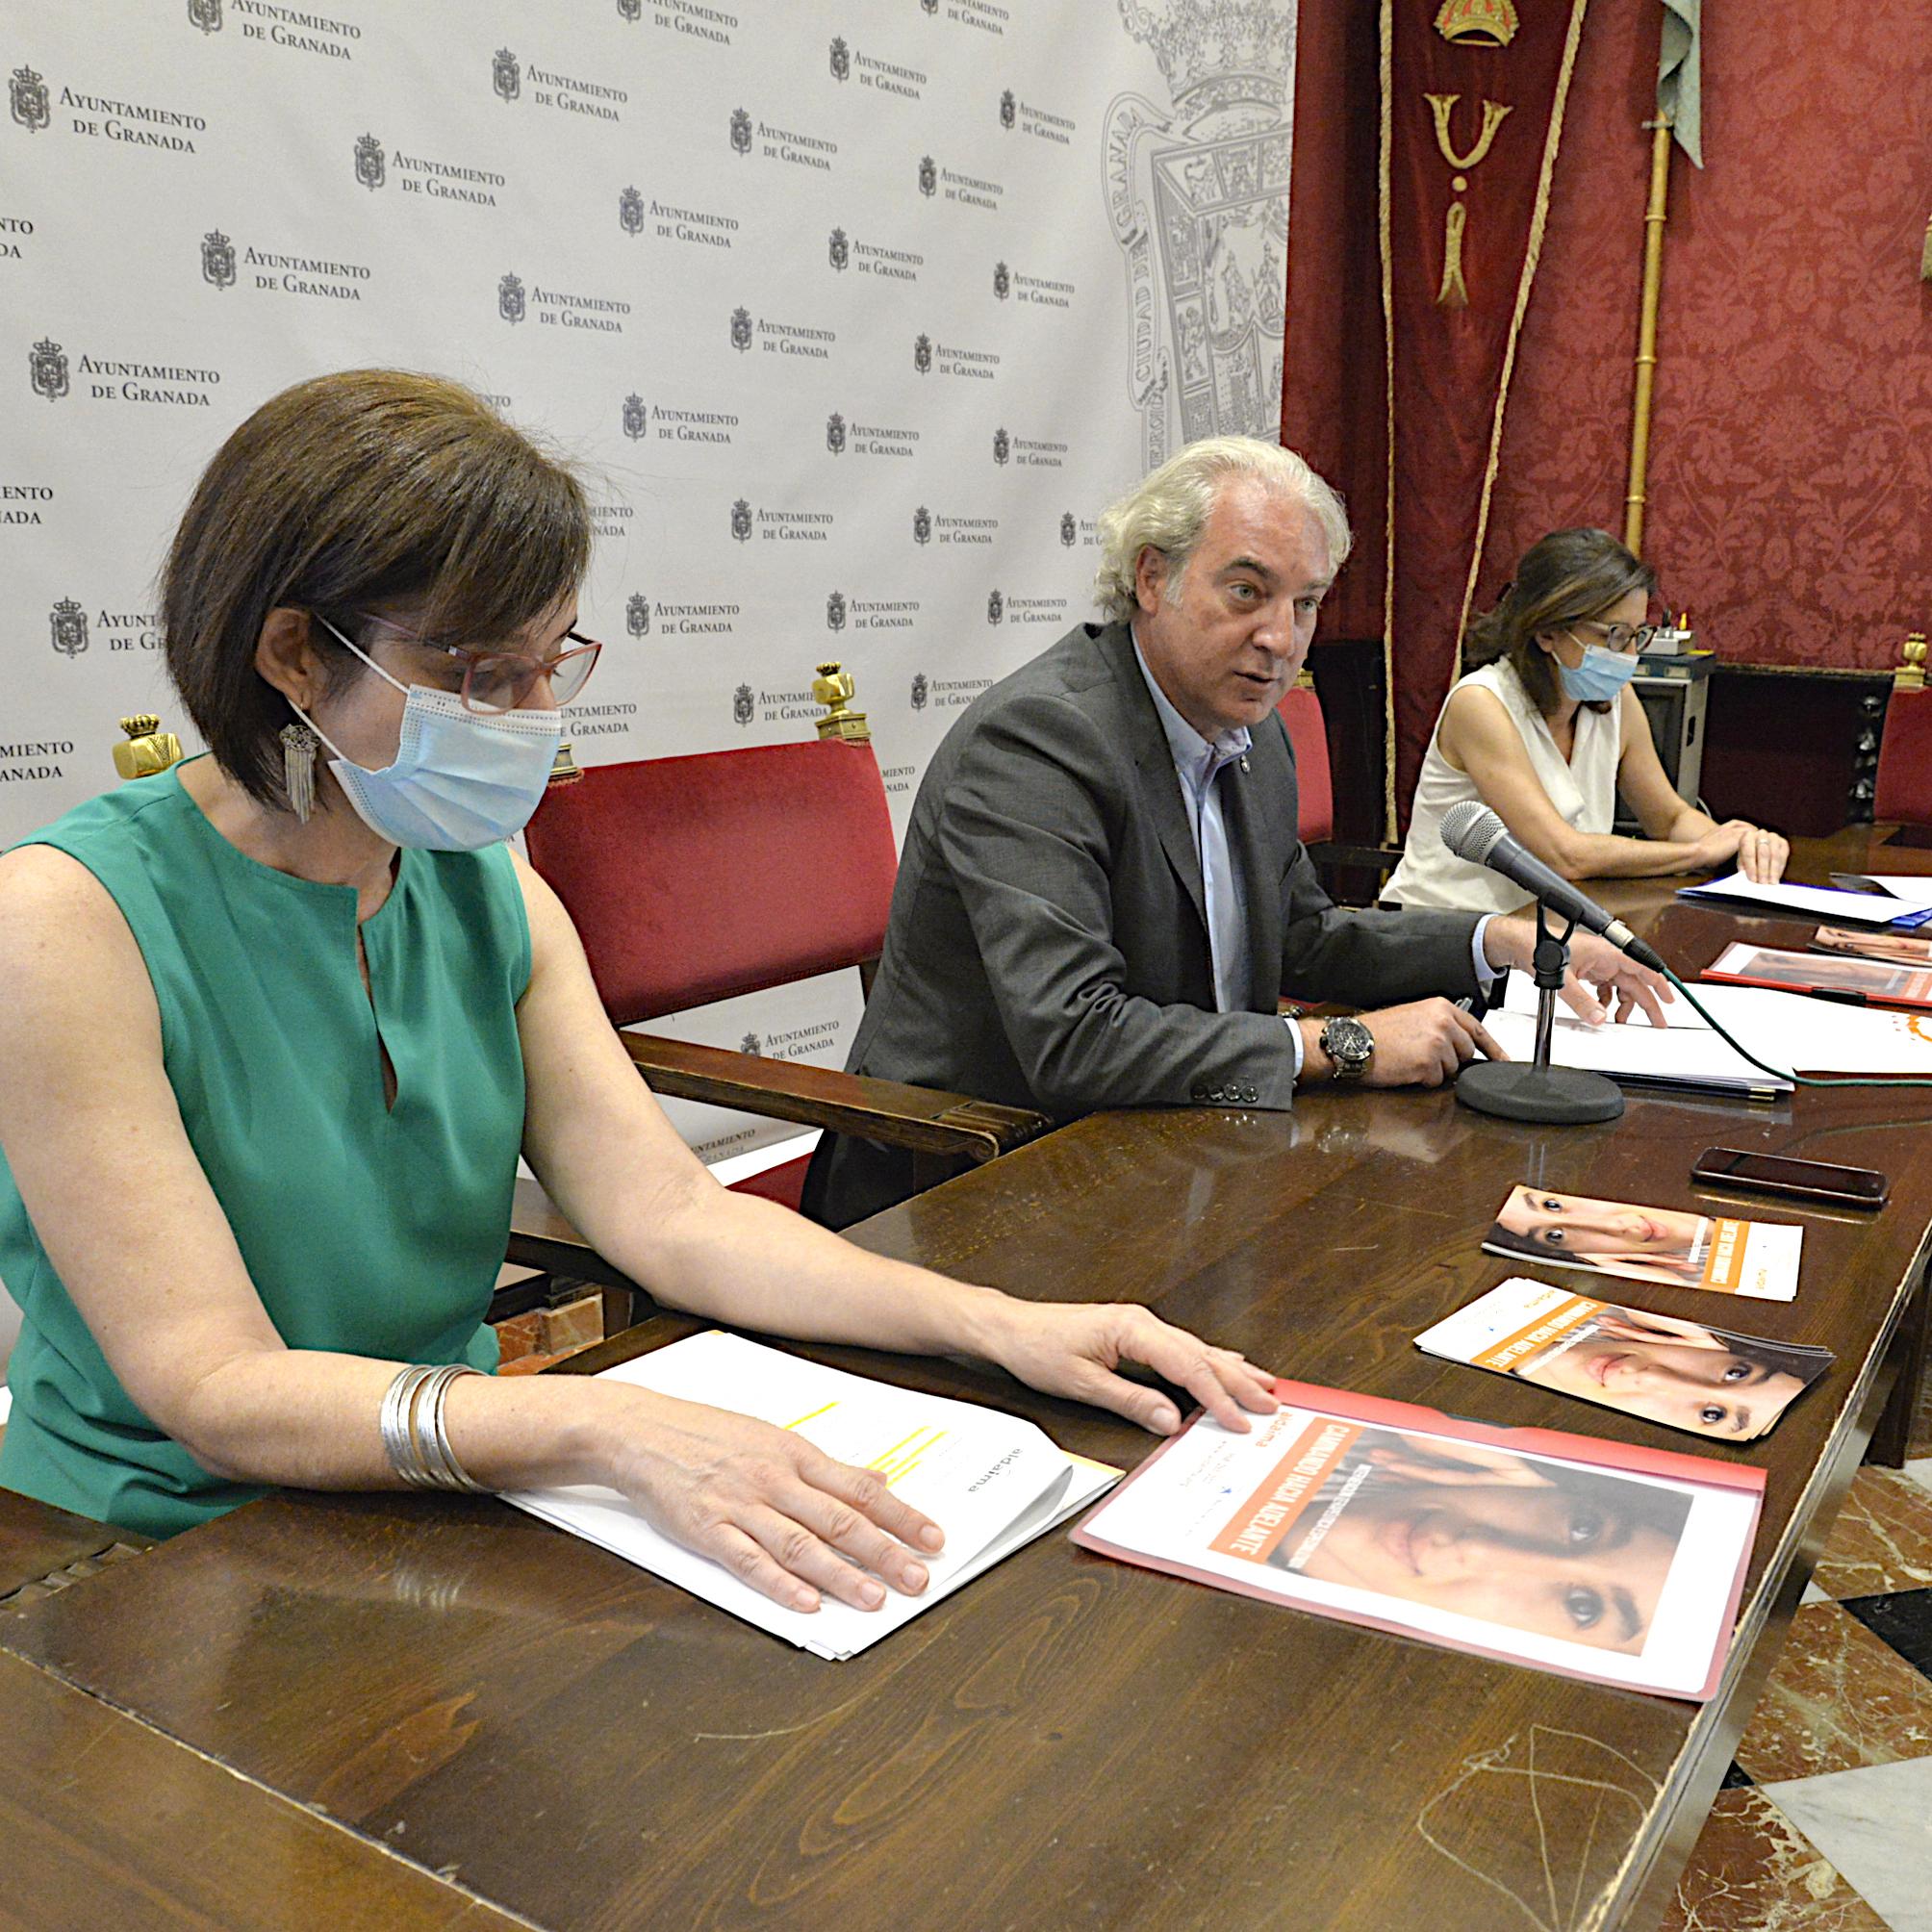 ©Ayto.Granada: Ayuntamiento y asociación Aldaima impulsan un programa terapéutico dirigido a menores dañados por experiencias traumáticas en el entorno familiar